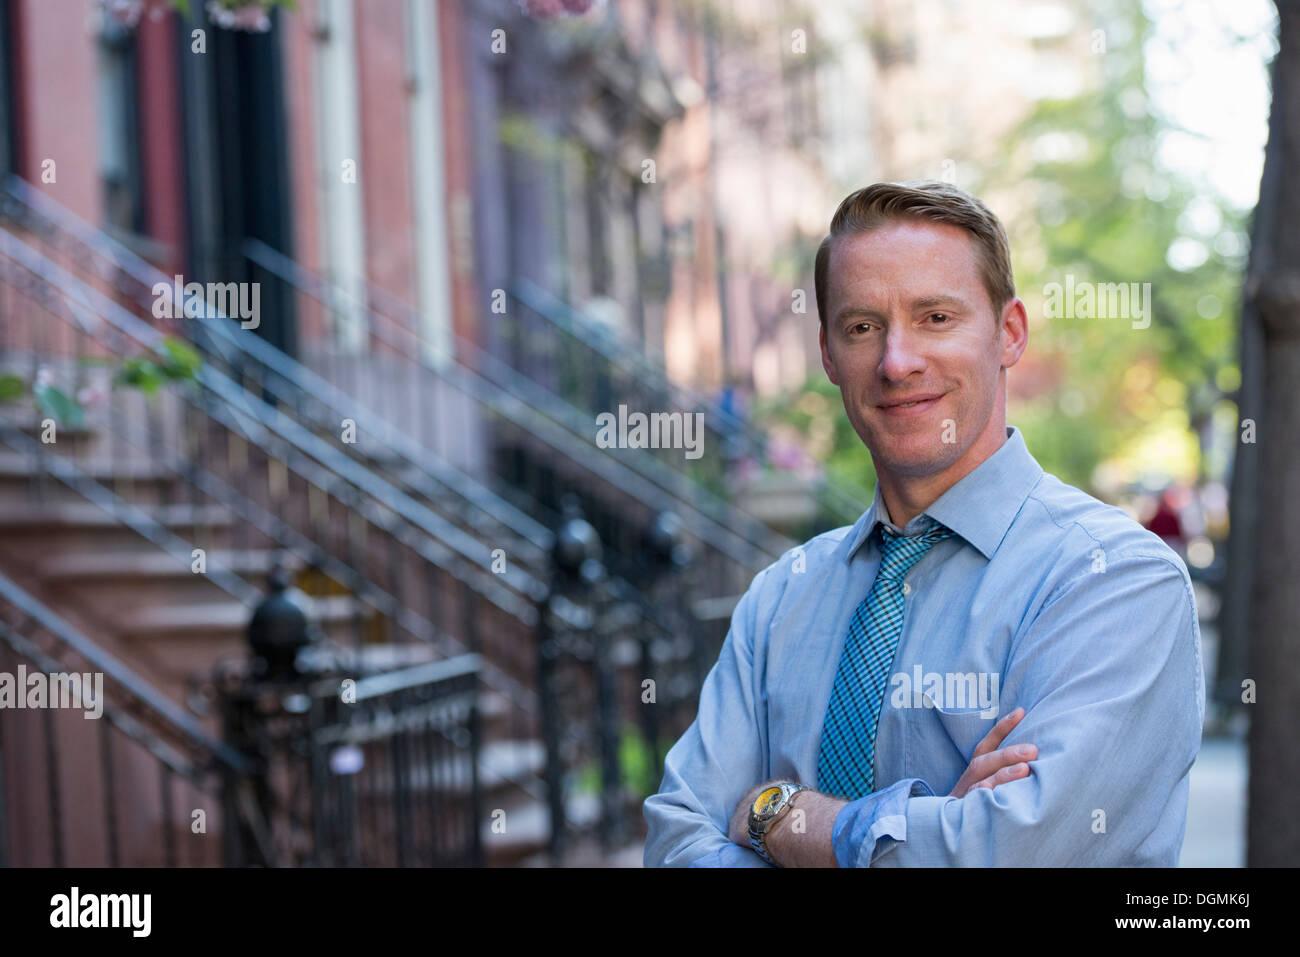 Ein Mann in ein blaues Hemd und blaue Krawatte mit Armen gefaltet, auf dem Bürgersteig stehen Stockbild